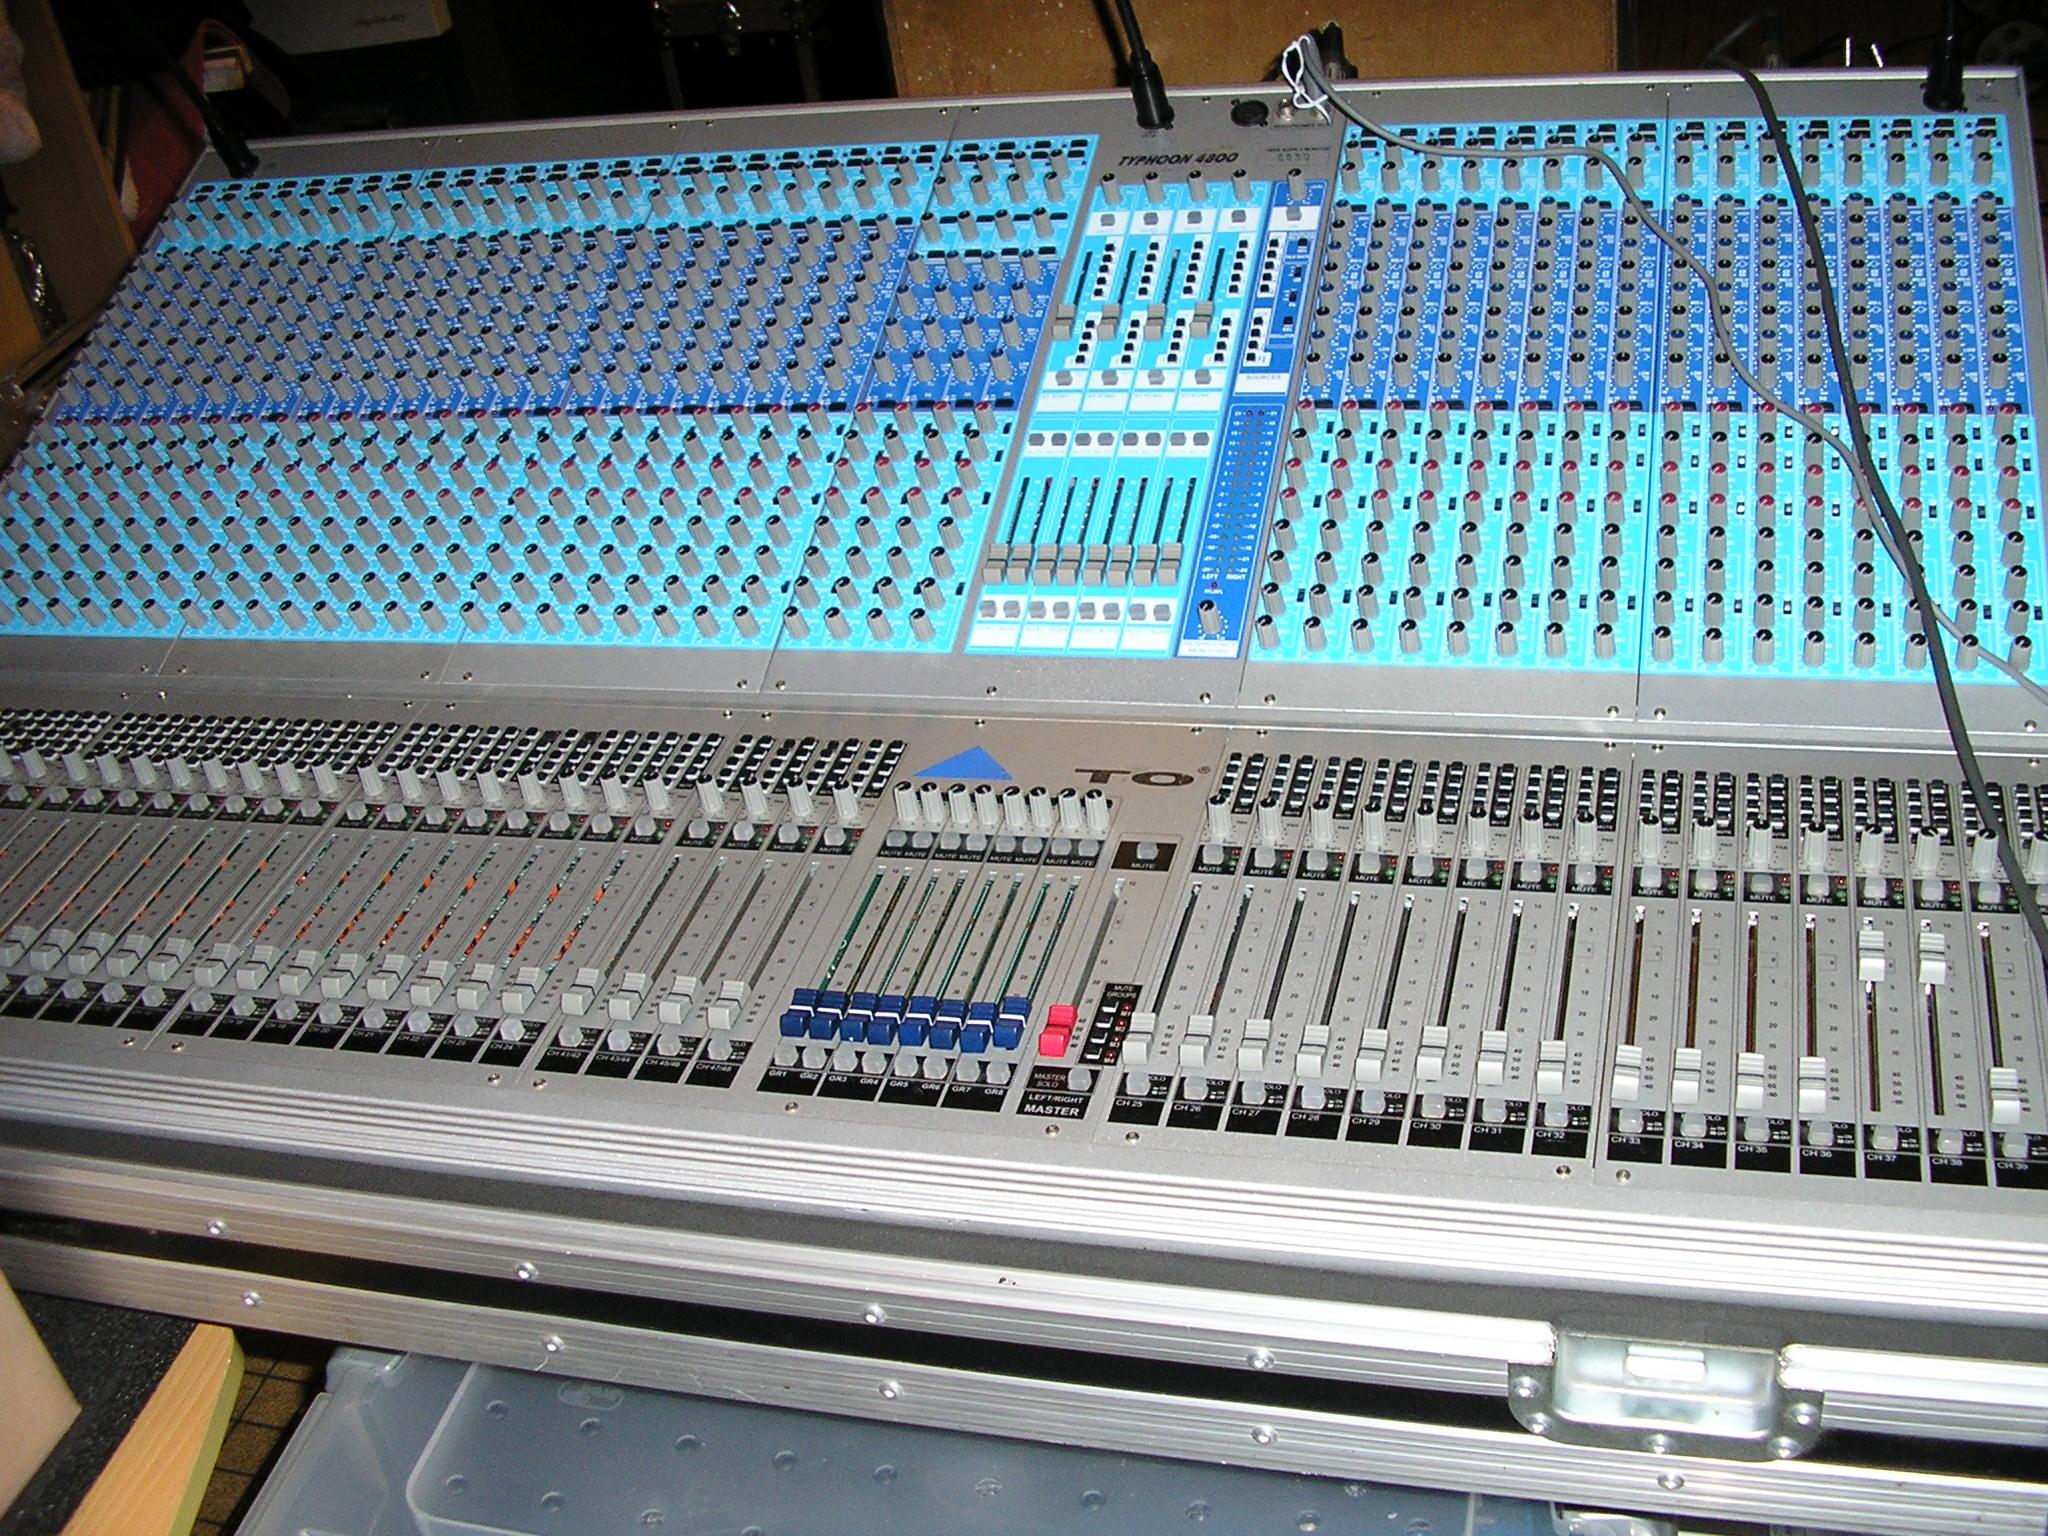 Console analogique typhoon 4800 en flight et double alim pays de la loire audiofanzine - Console analogique occasion ...